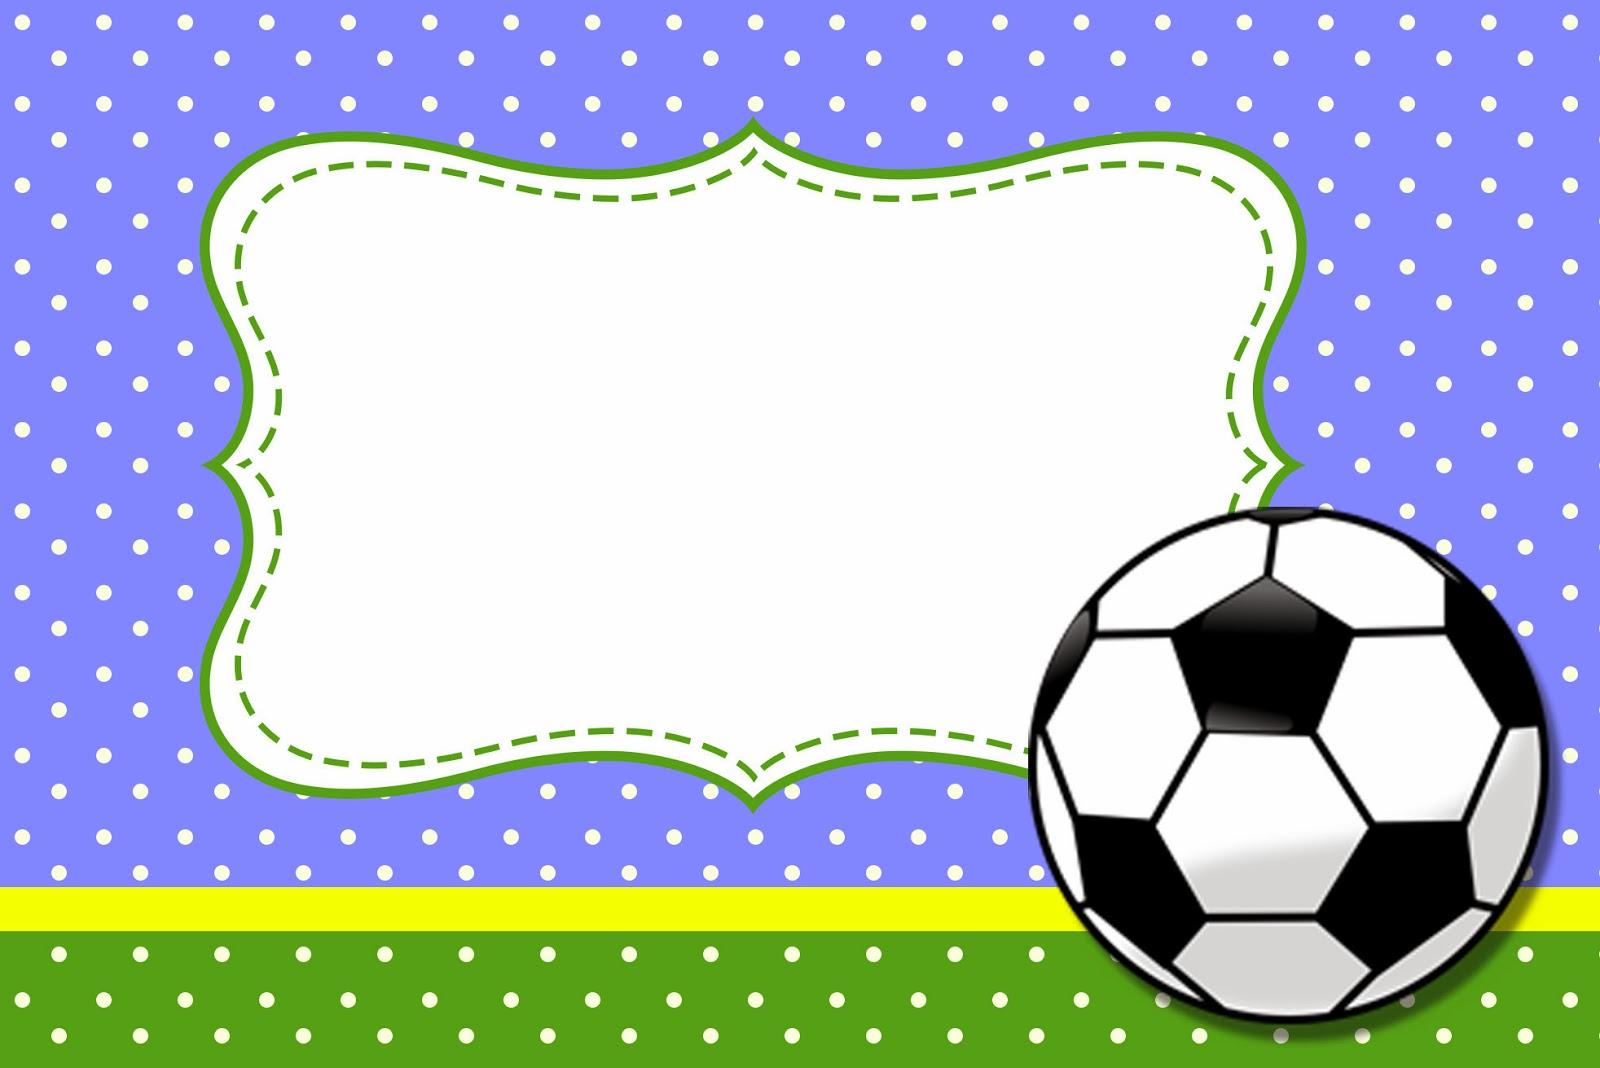 Juegos infantiles de fútbol Viva juegos